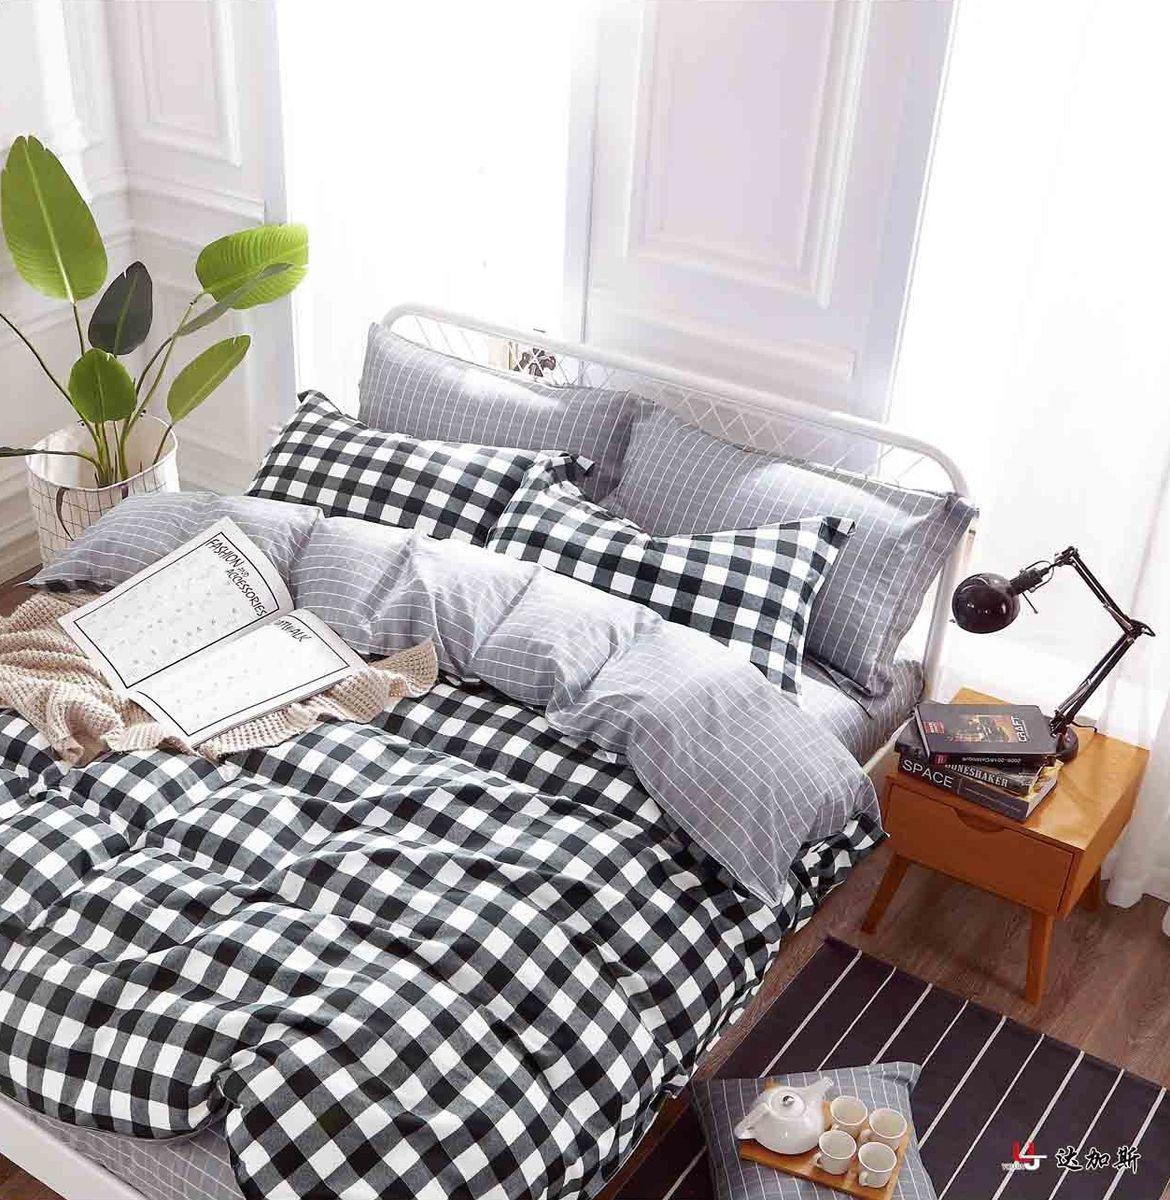 Комплект постельного белья Guten Morgen Перкаль, Пг-799-143-150-70, голубой, 1,5 спальный, наволочки 70x70 комплект постельного белья guten morgen перкаль пг 797 175 220 70 голубой 2 х спальный наволочки 70x70